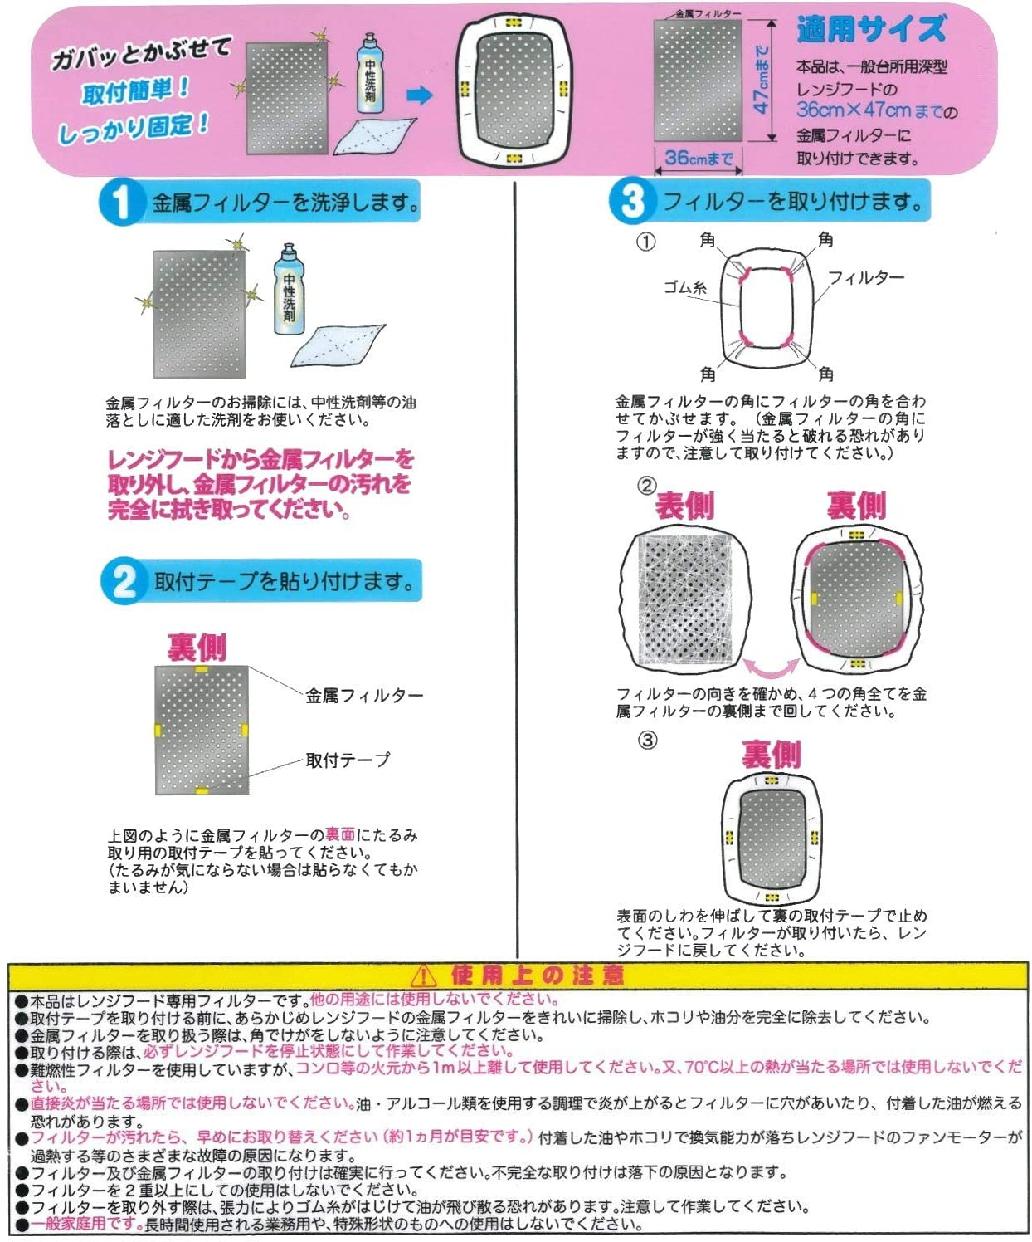 新北九州工業(きたきゅうしゅうこうぎょう)簡換ボーイ かぶせてレンジフード用フィルター 3枚入 F883-3Wの商品画像10